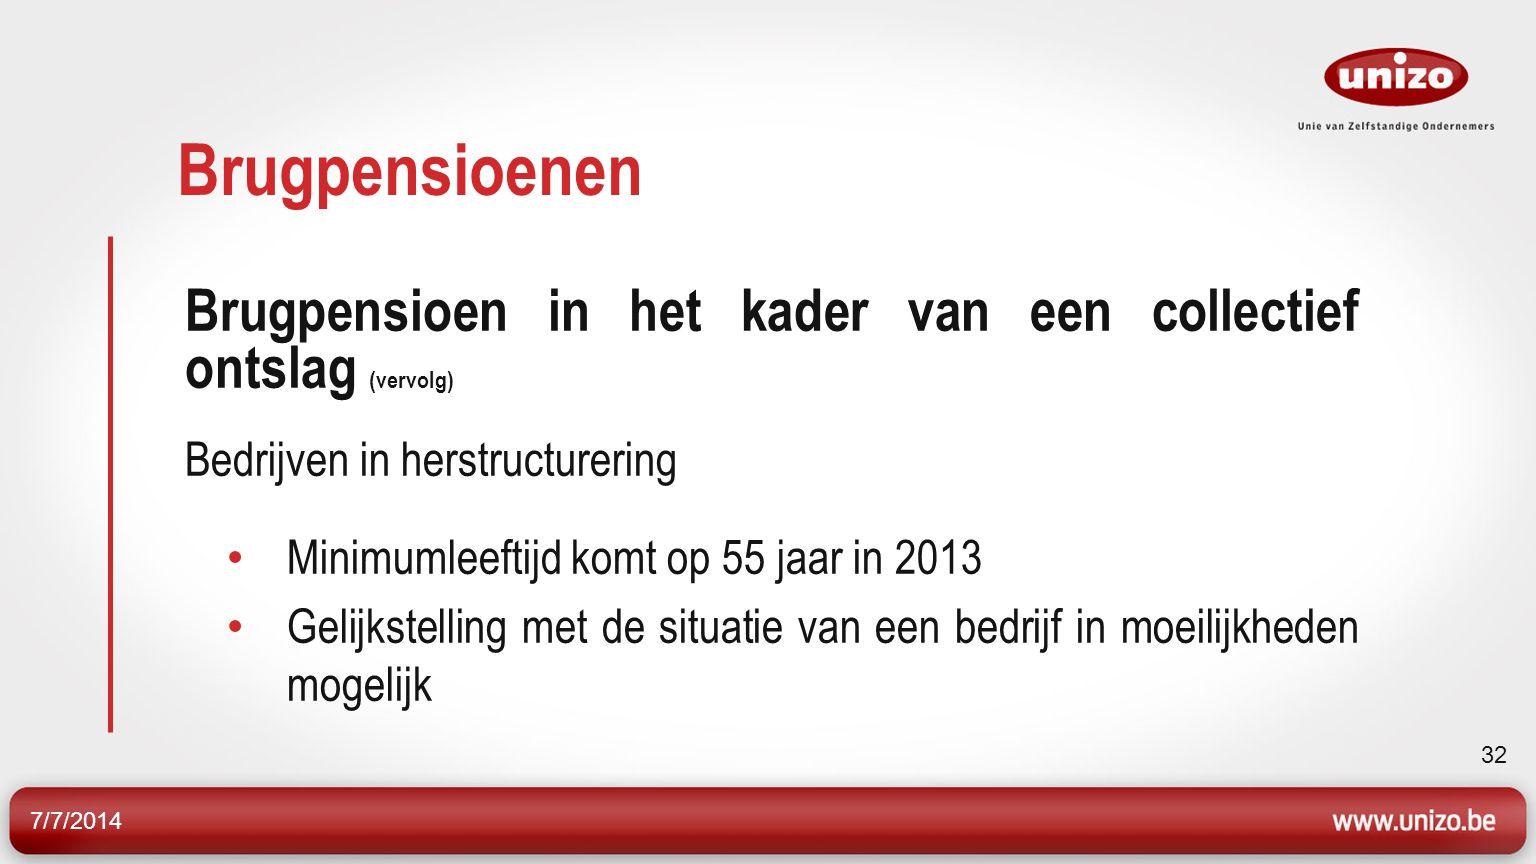 7/7/2014 33 Brugpensioenen Halftijds brugpensioen Uitdovend kader voorzien Geen nieuwkomers meer vanaf 2012